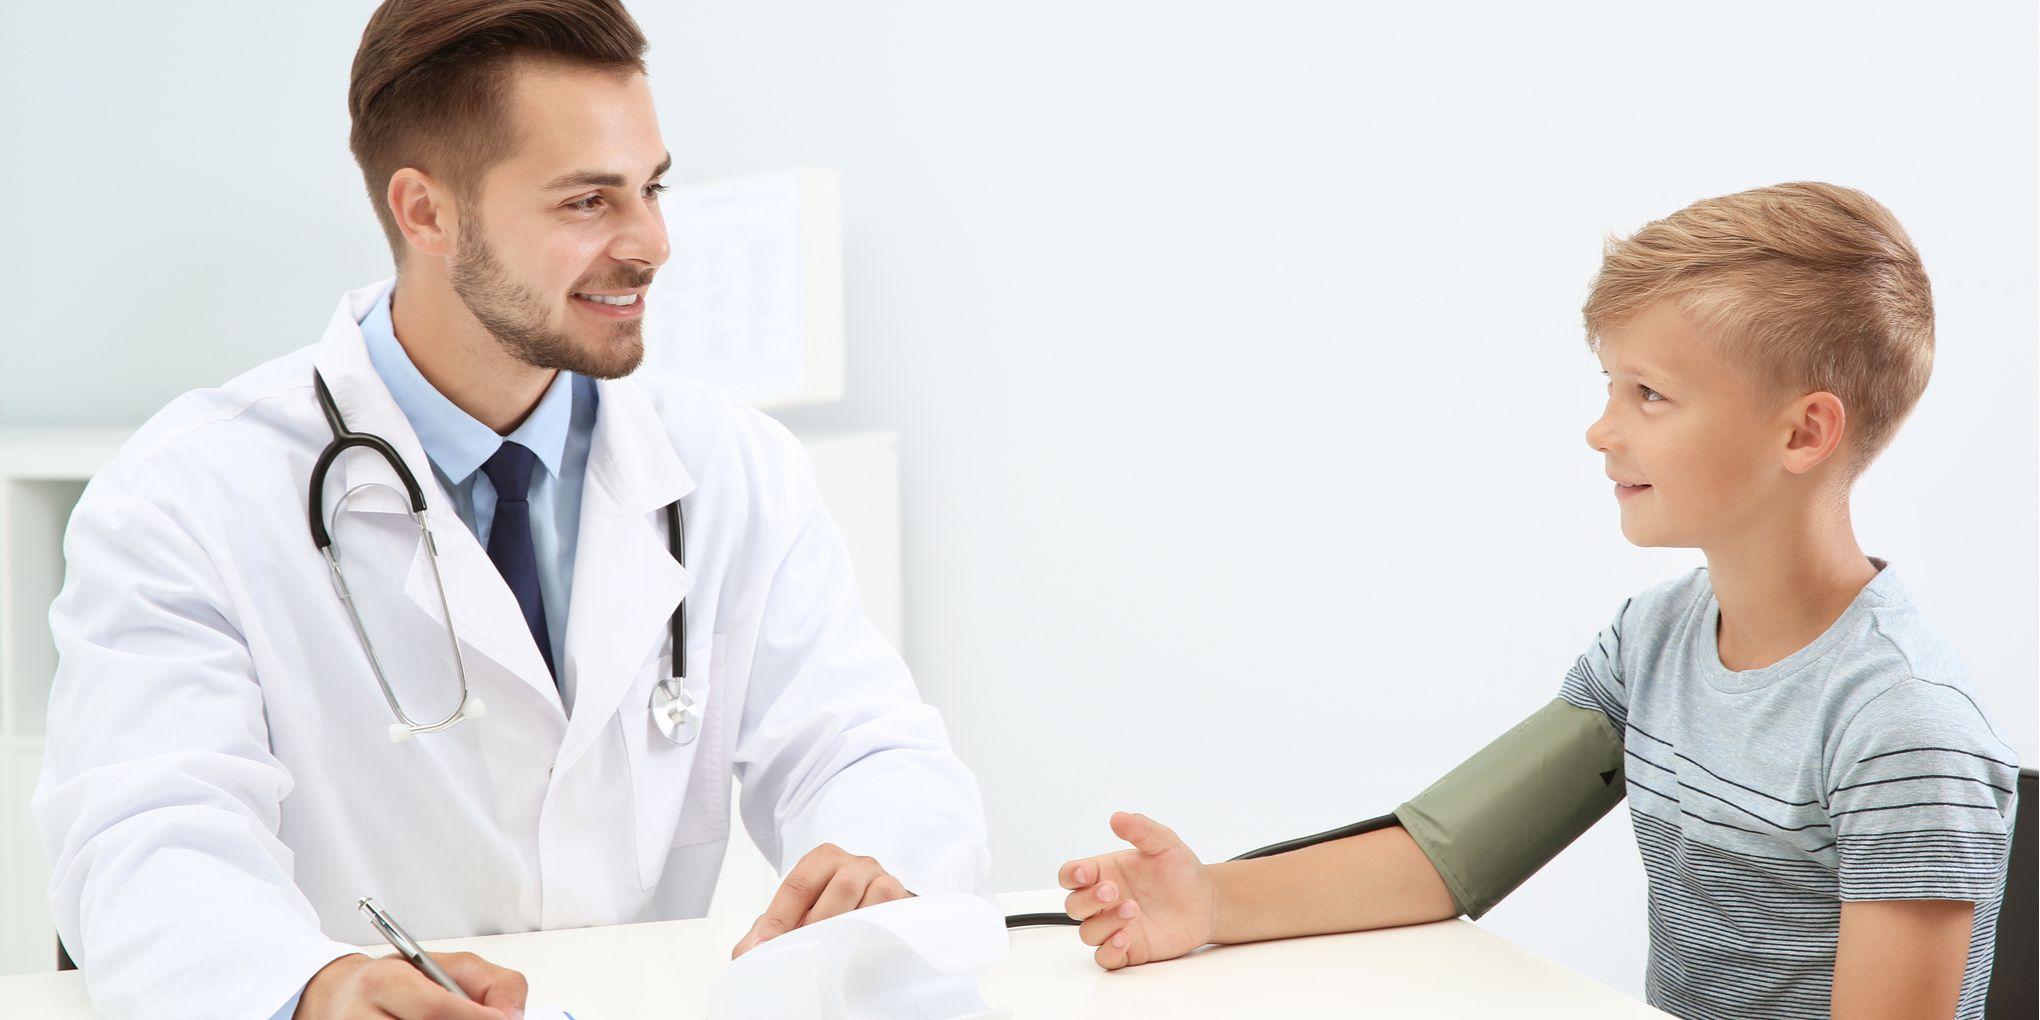 Hipertenzija može i kod adolescenata uzrokovati oštećenje organa / Vijesti - symposium-h2o.com